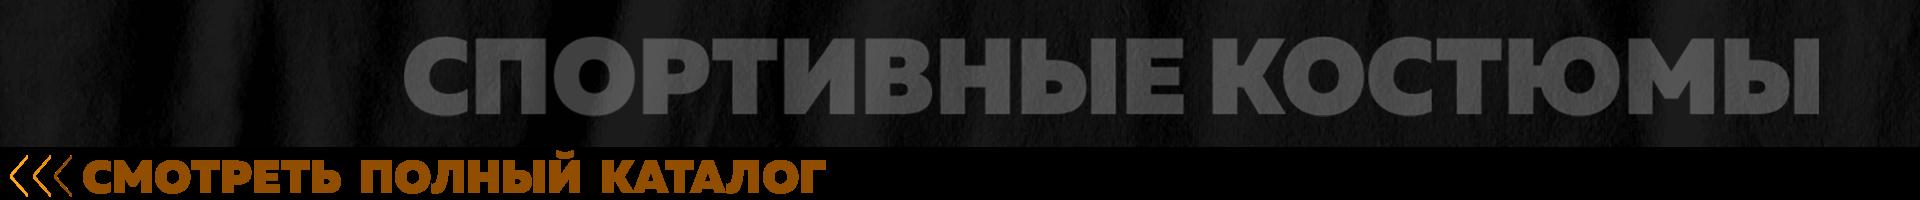 Перейти из подборки черных хлопковых мужских спортивных костюмов в полный каталог.